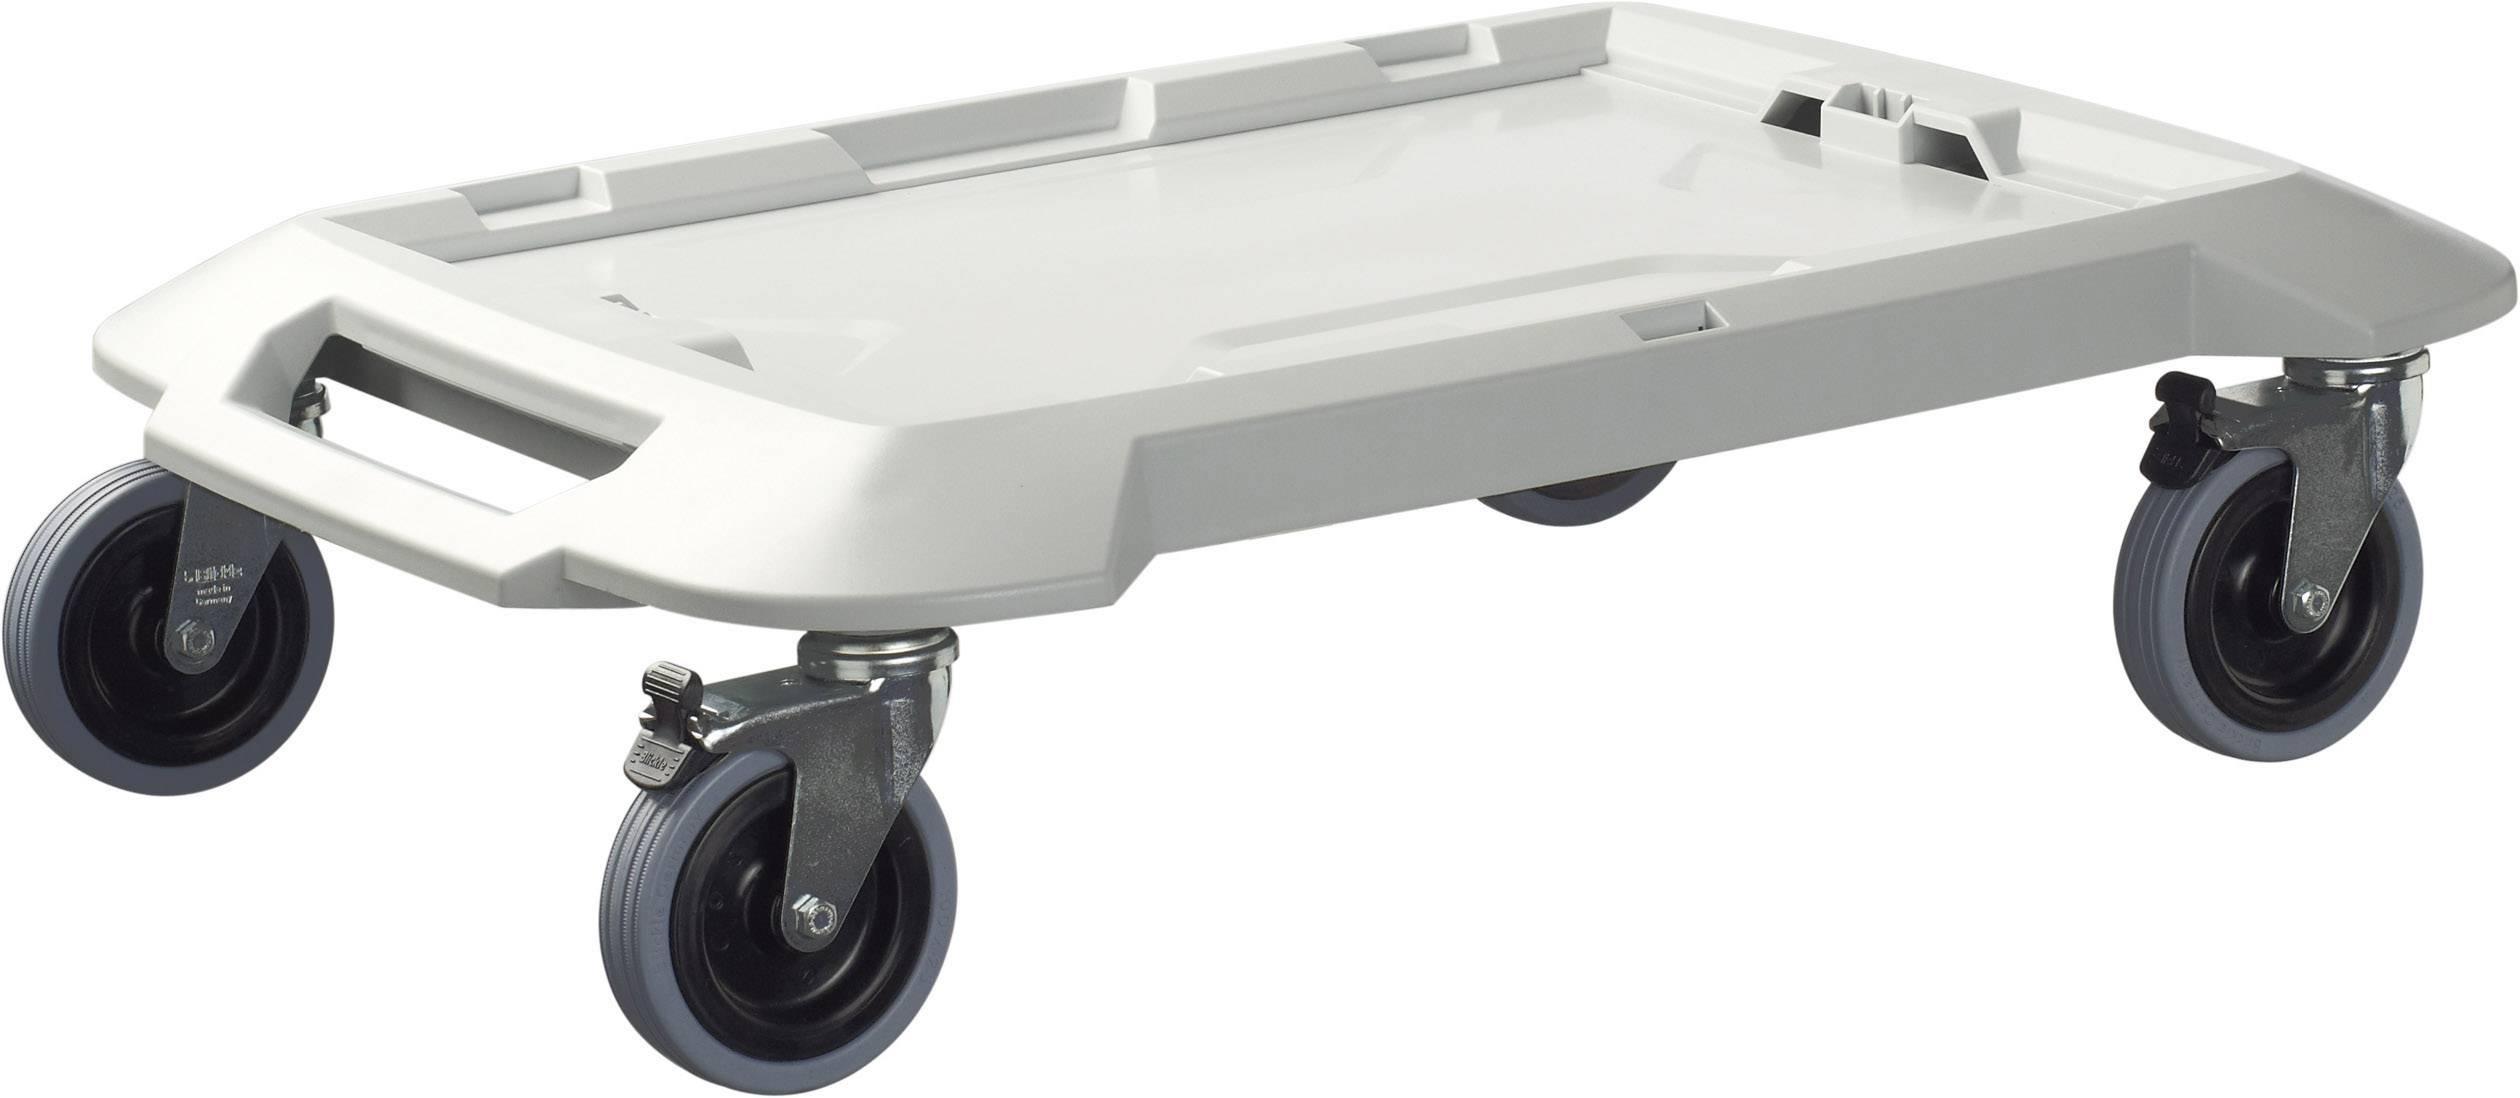 Přepravní podvozek ABS Zatížení (max.): 100 kg Bosch Professional L-BOXX roller 1600A001S9